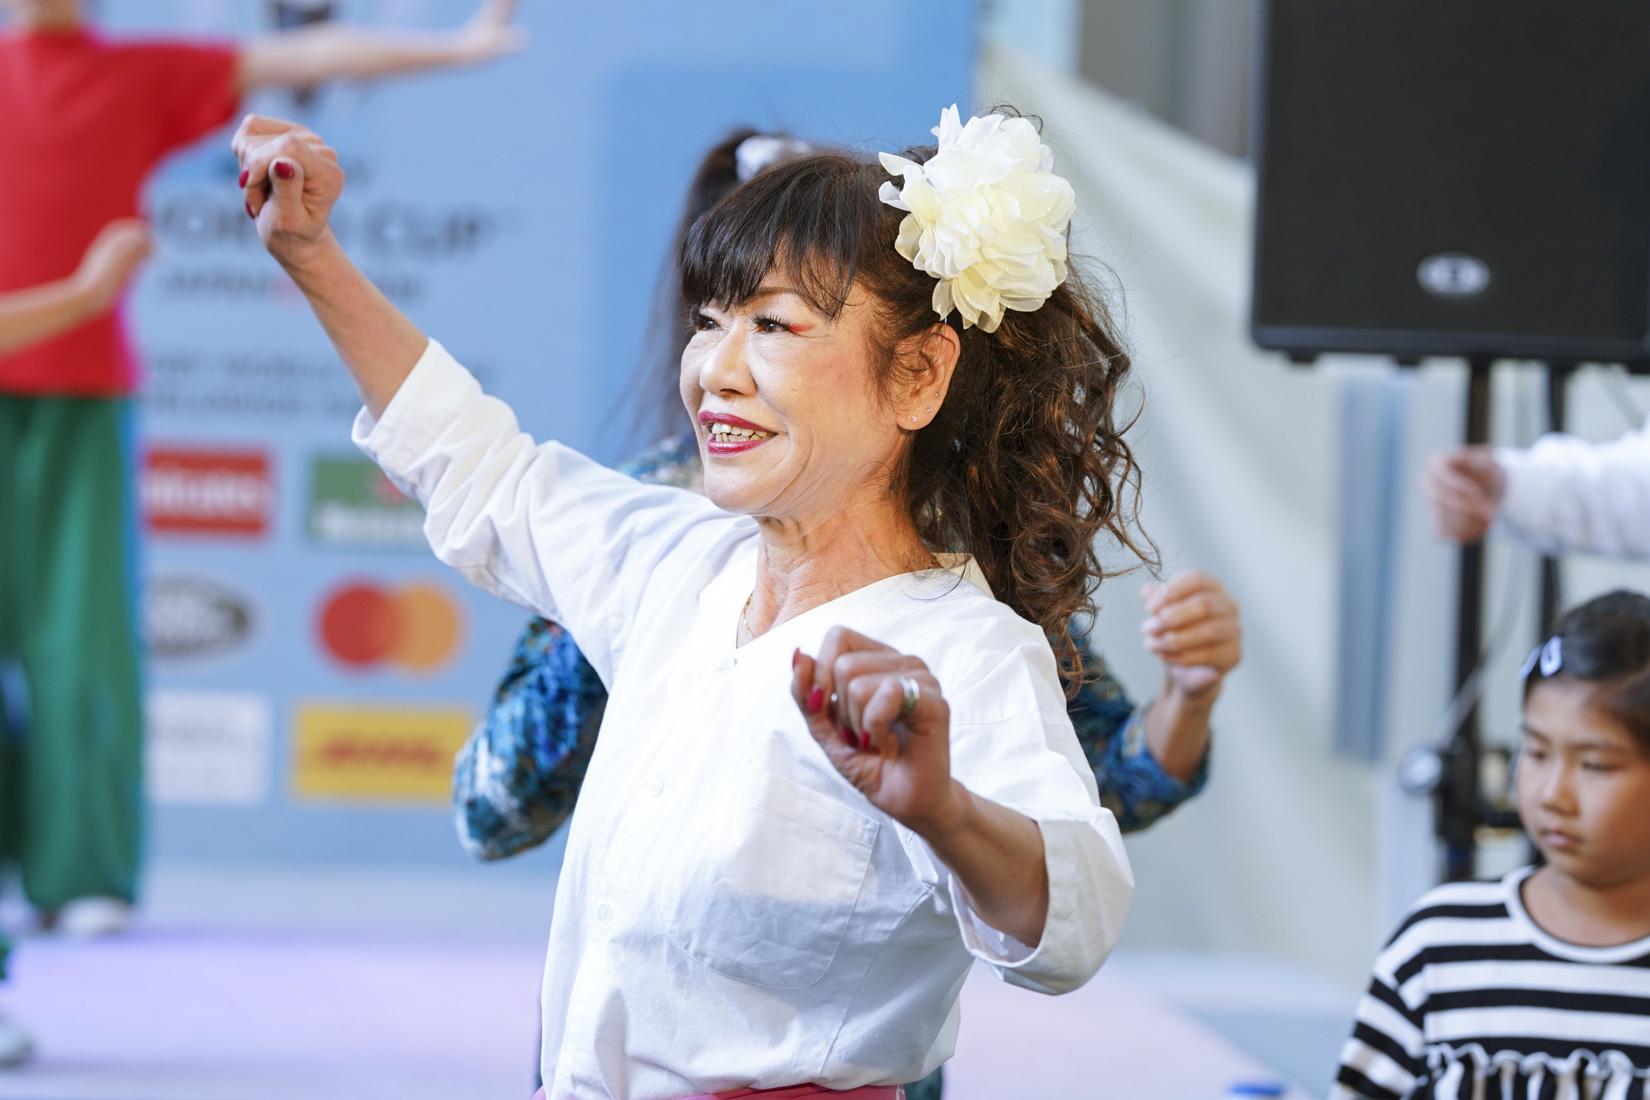 ラグビーワールドカップ2019ファンゾーンin静岡ソラモ会場_f0184198_00013662.jpg